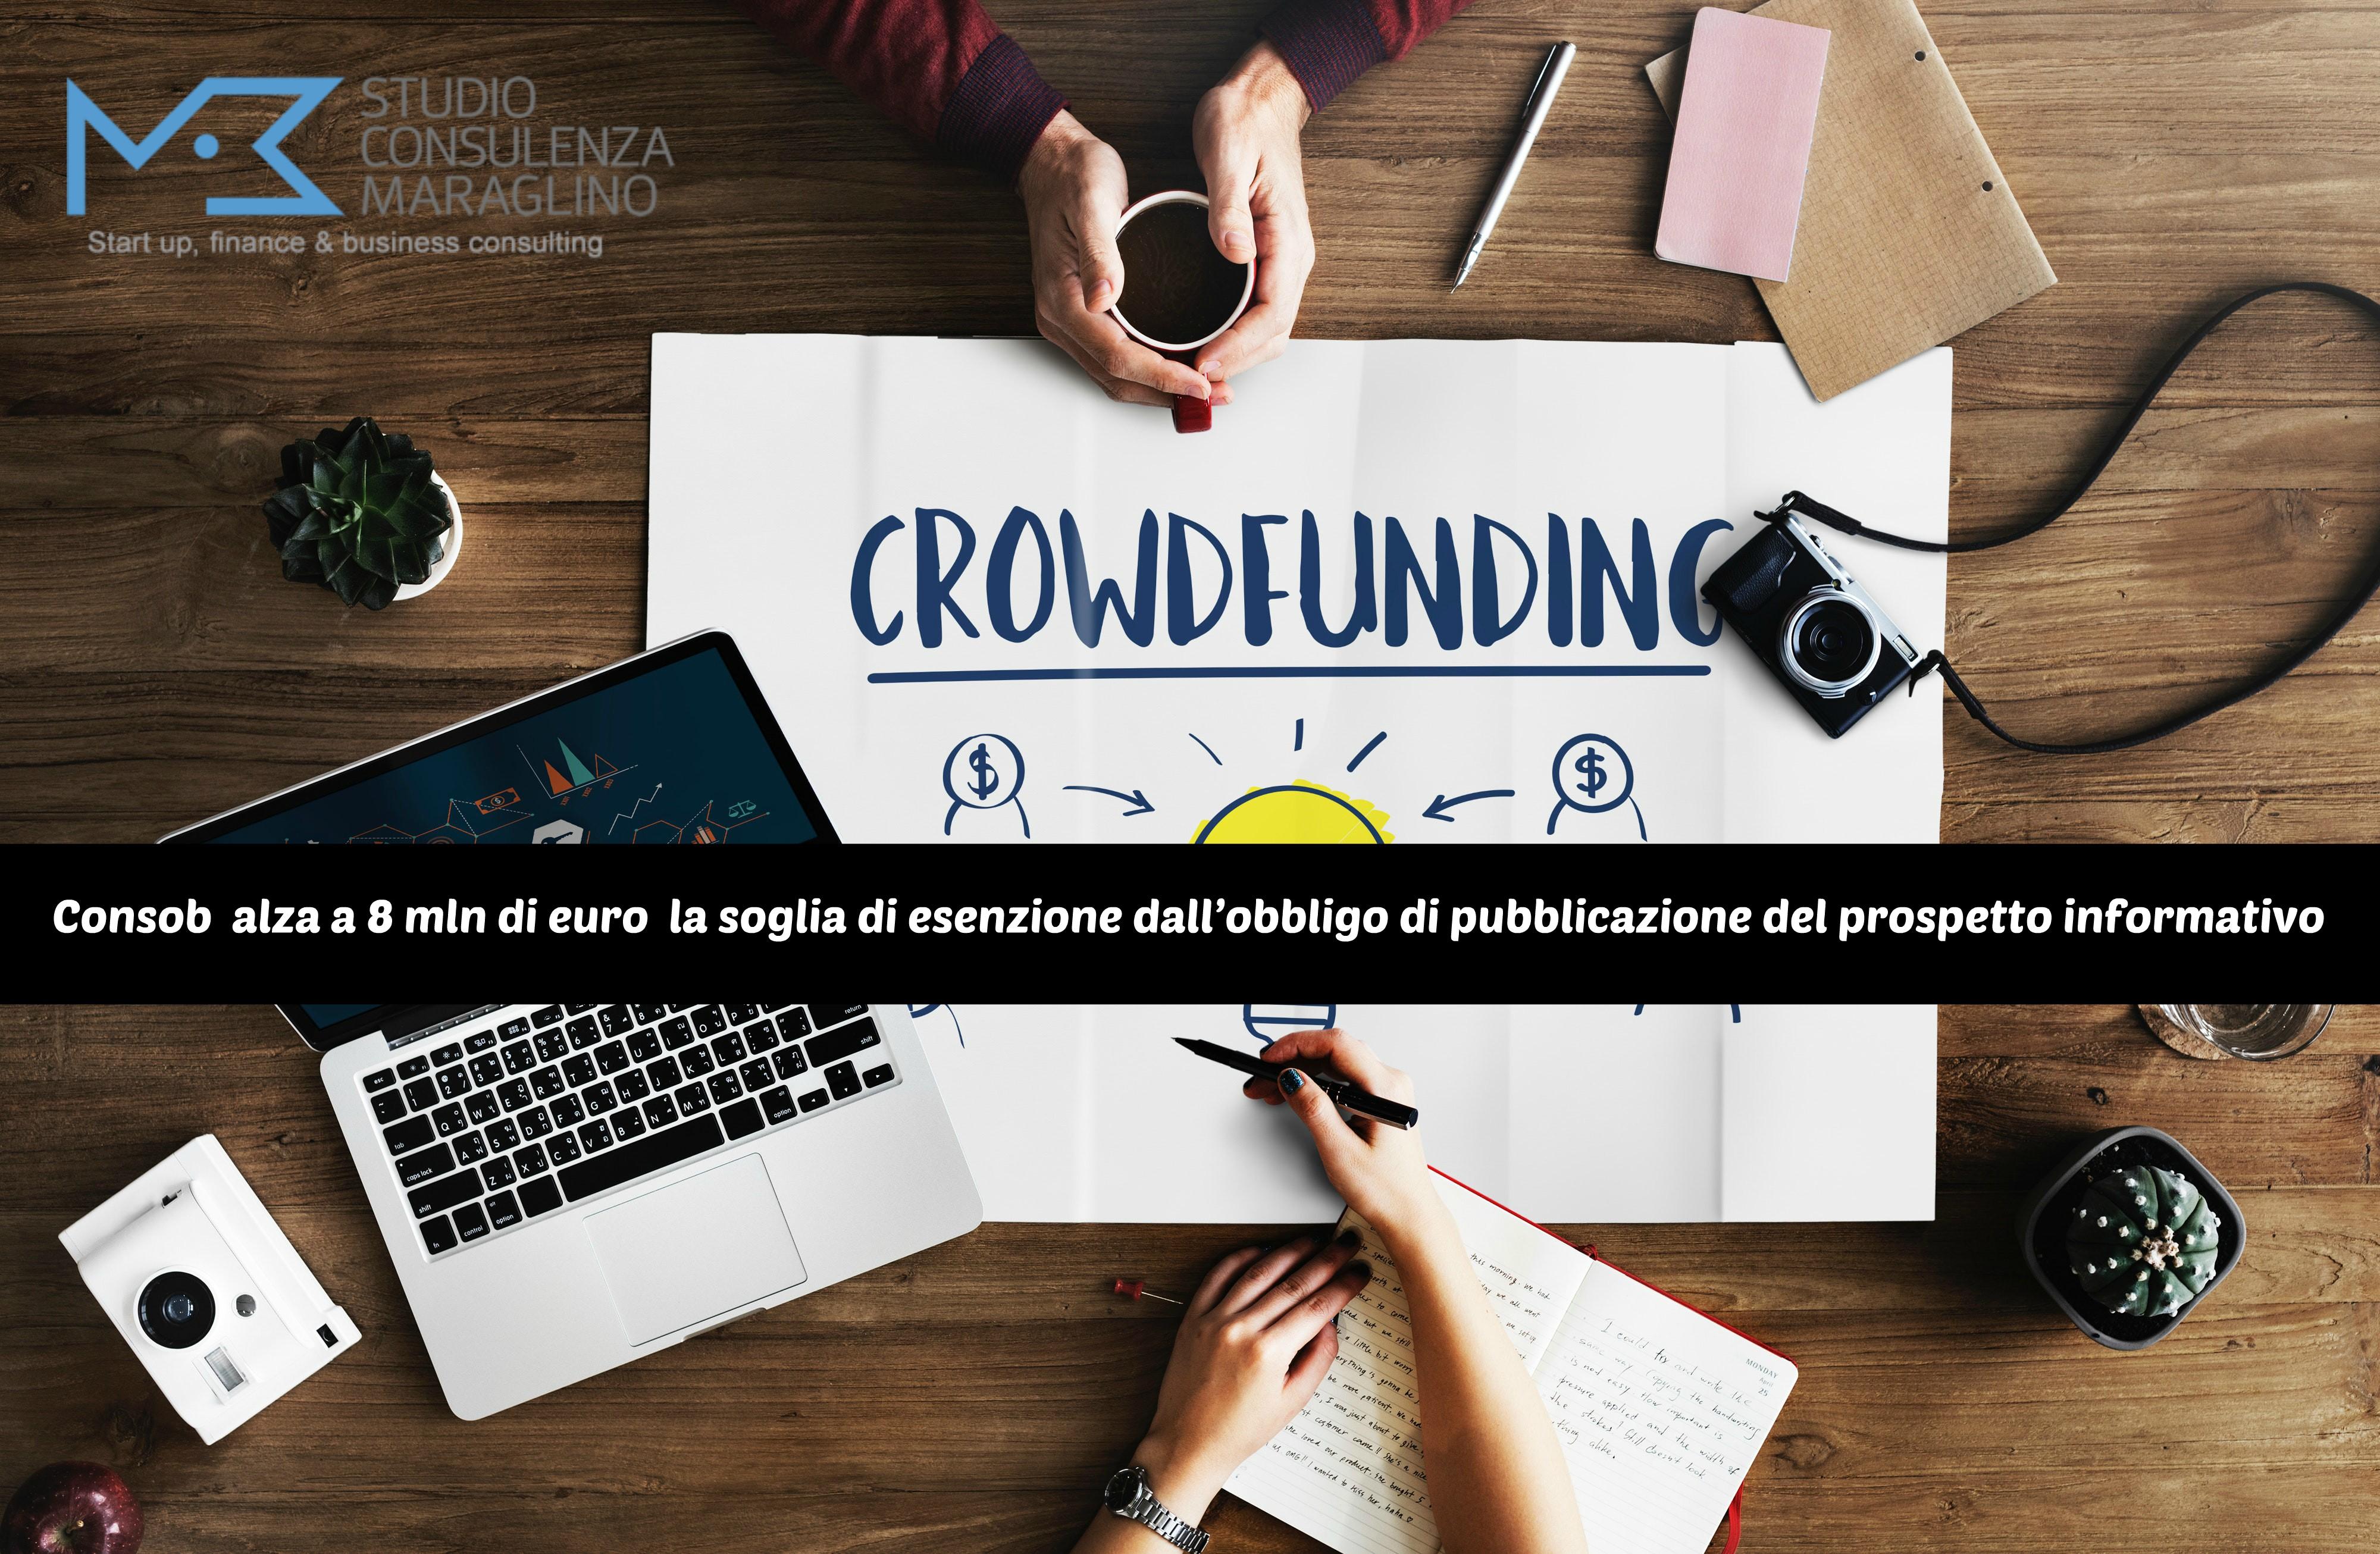 Equity Crowdfunding – Consob  alza a 8 mln di euro  la soglia di esenzione dall'obbligo di pubblicazione del prospetto informativo